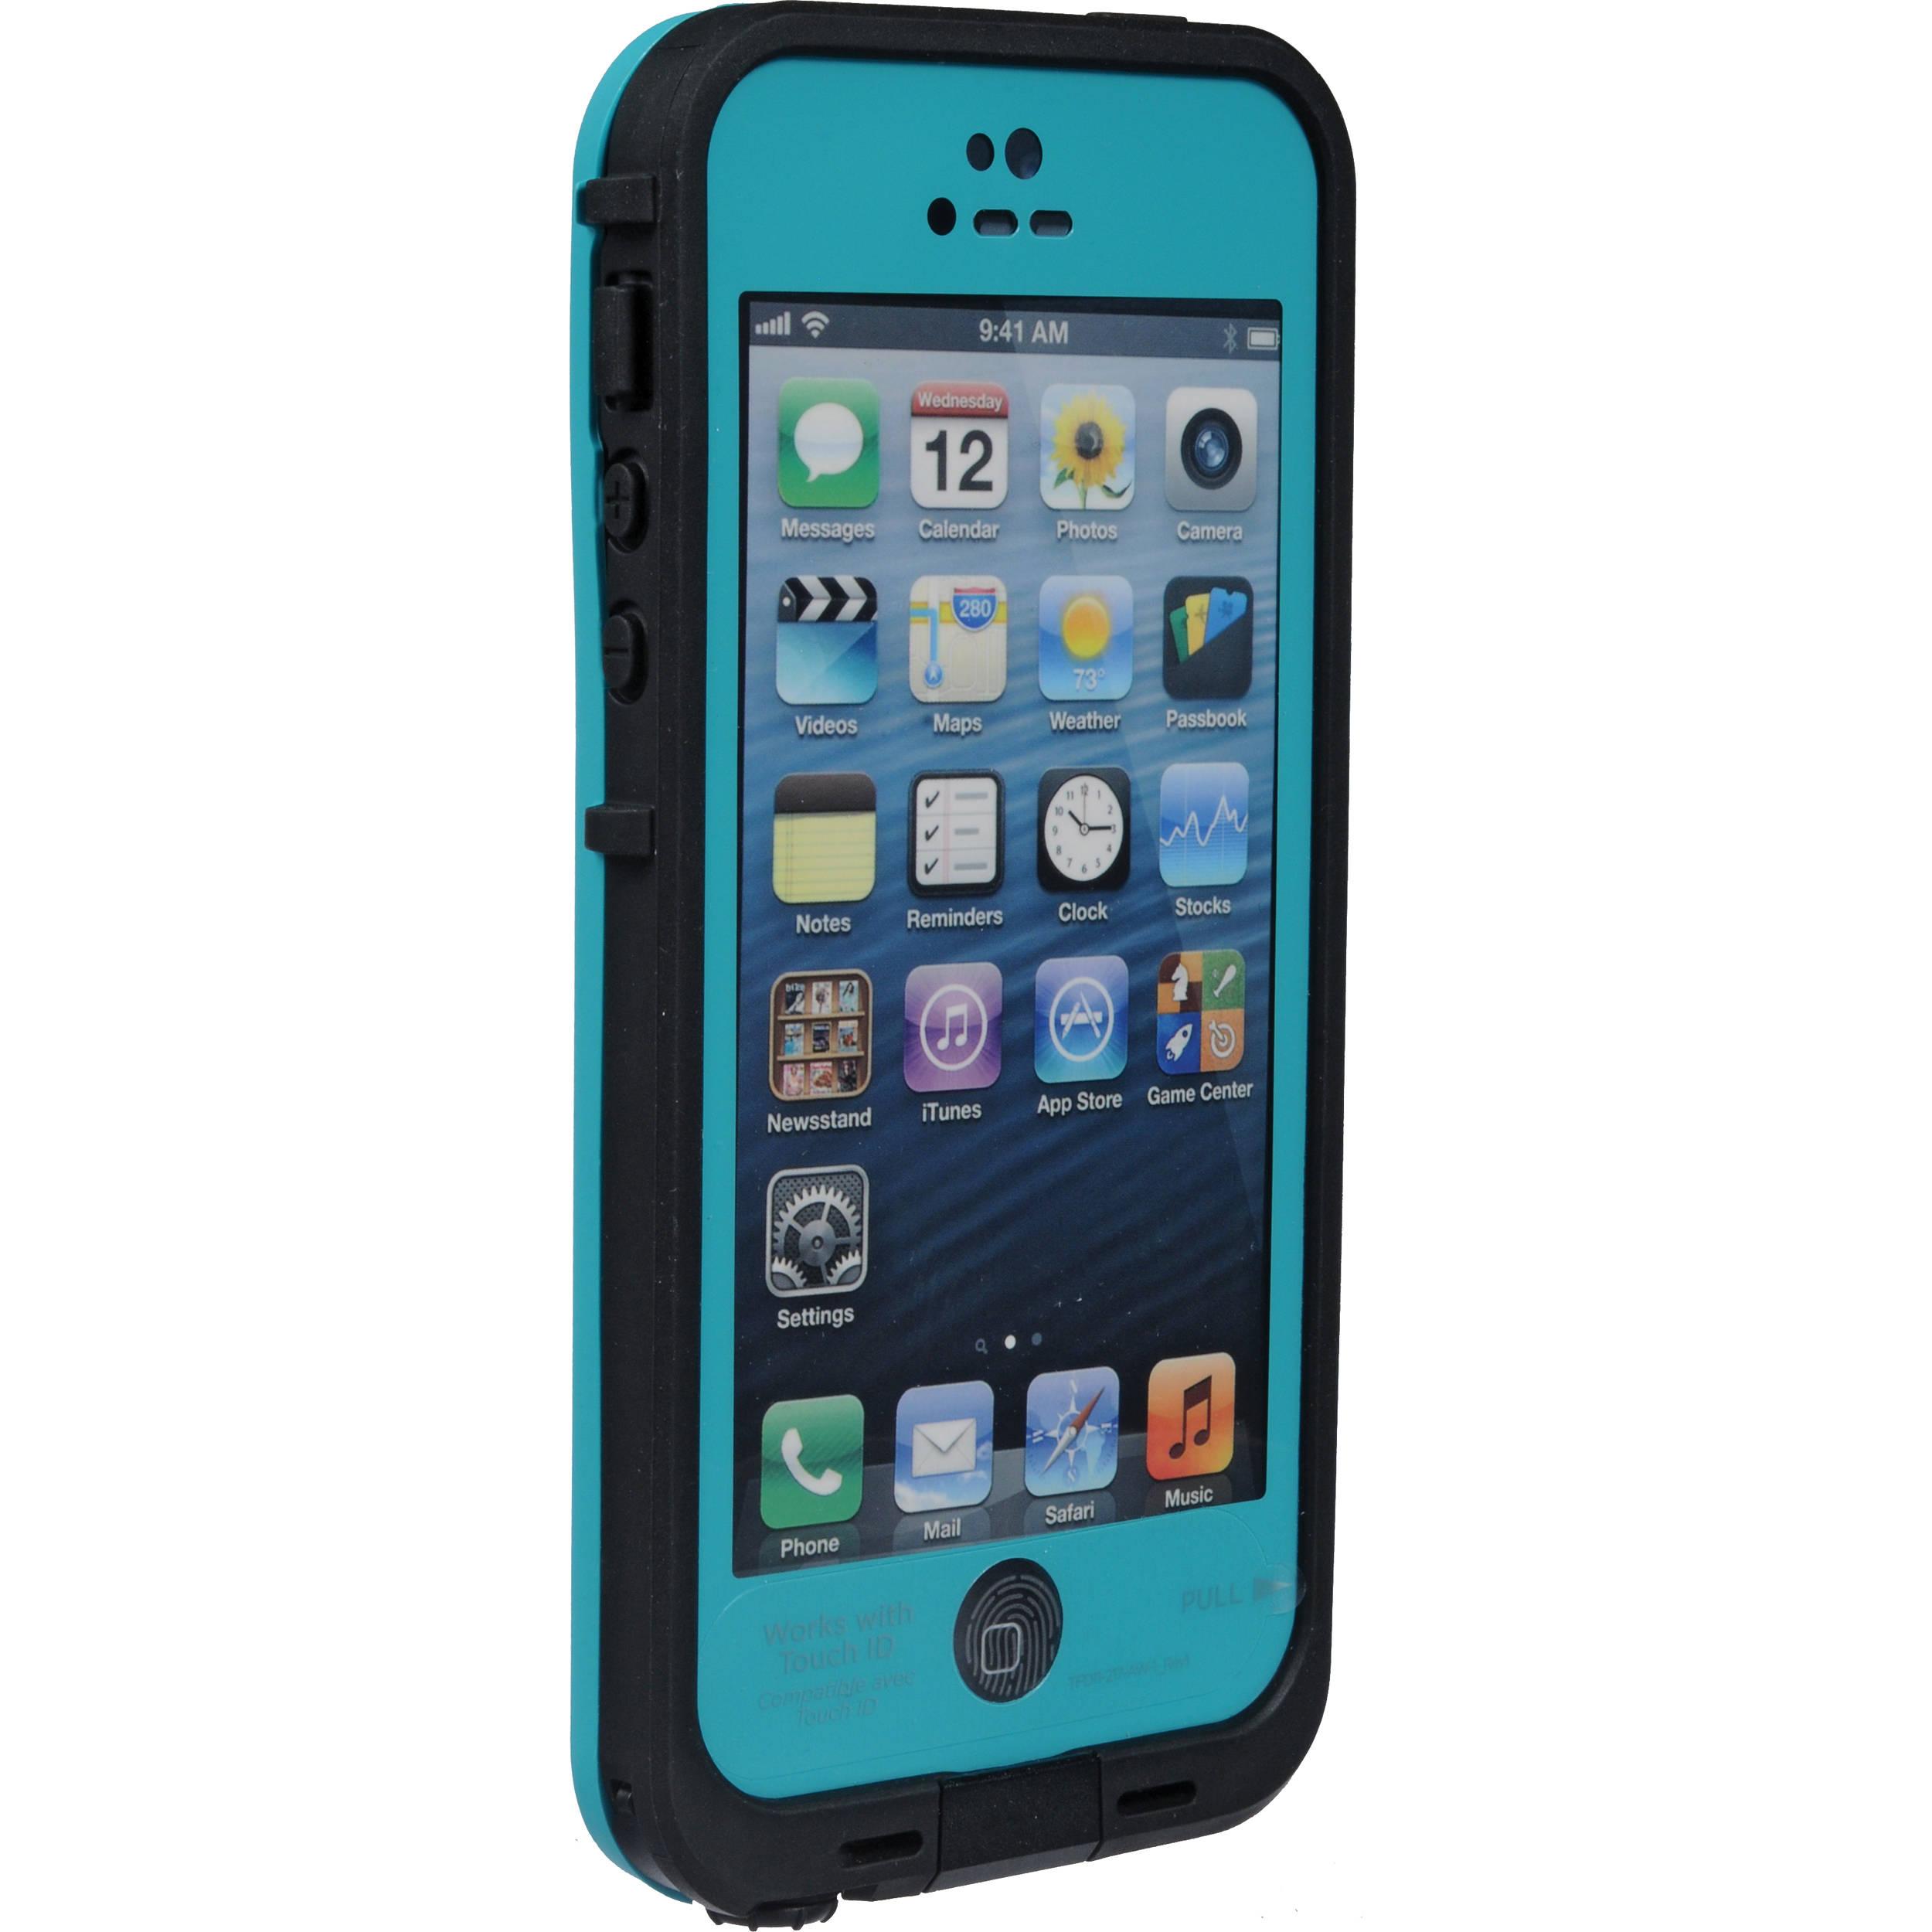 timeless design c18e2 05b3c LifeProof frē Case for iPhone 5/5s/SE (Teal/Black)